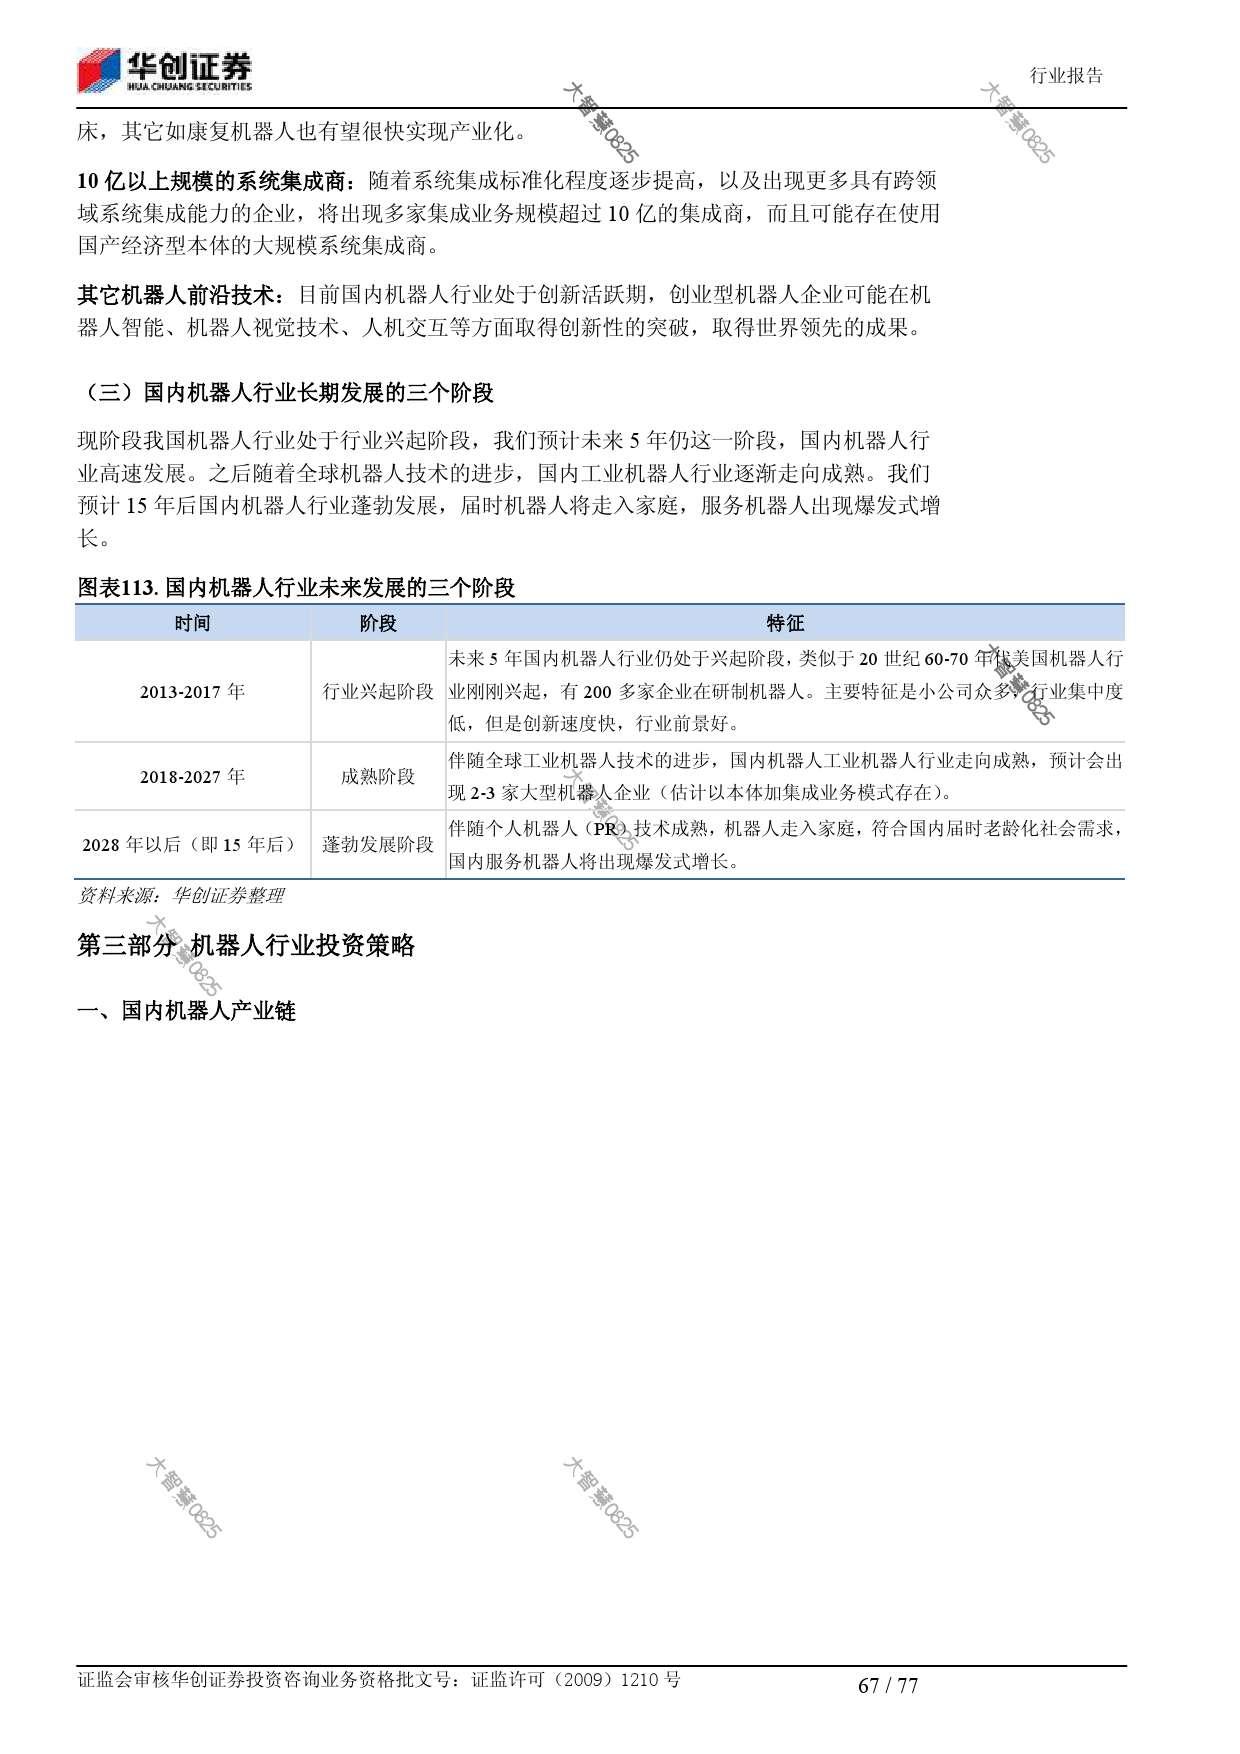 行业研究_华创证券_刘国清,鲁佩_机械设备:机器人大趋势_2014021_000067